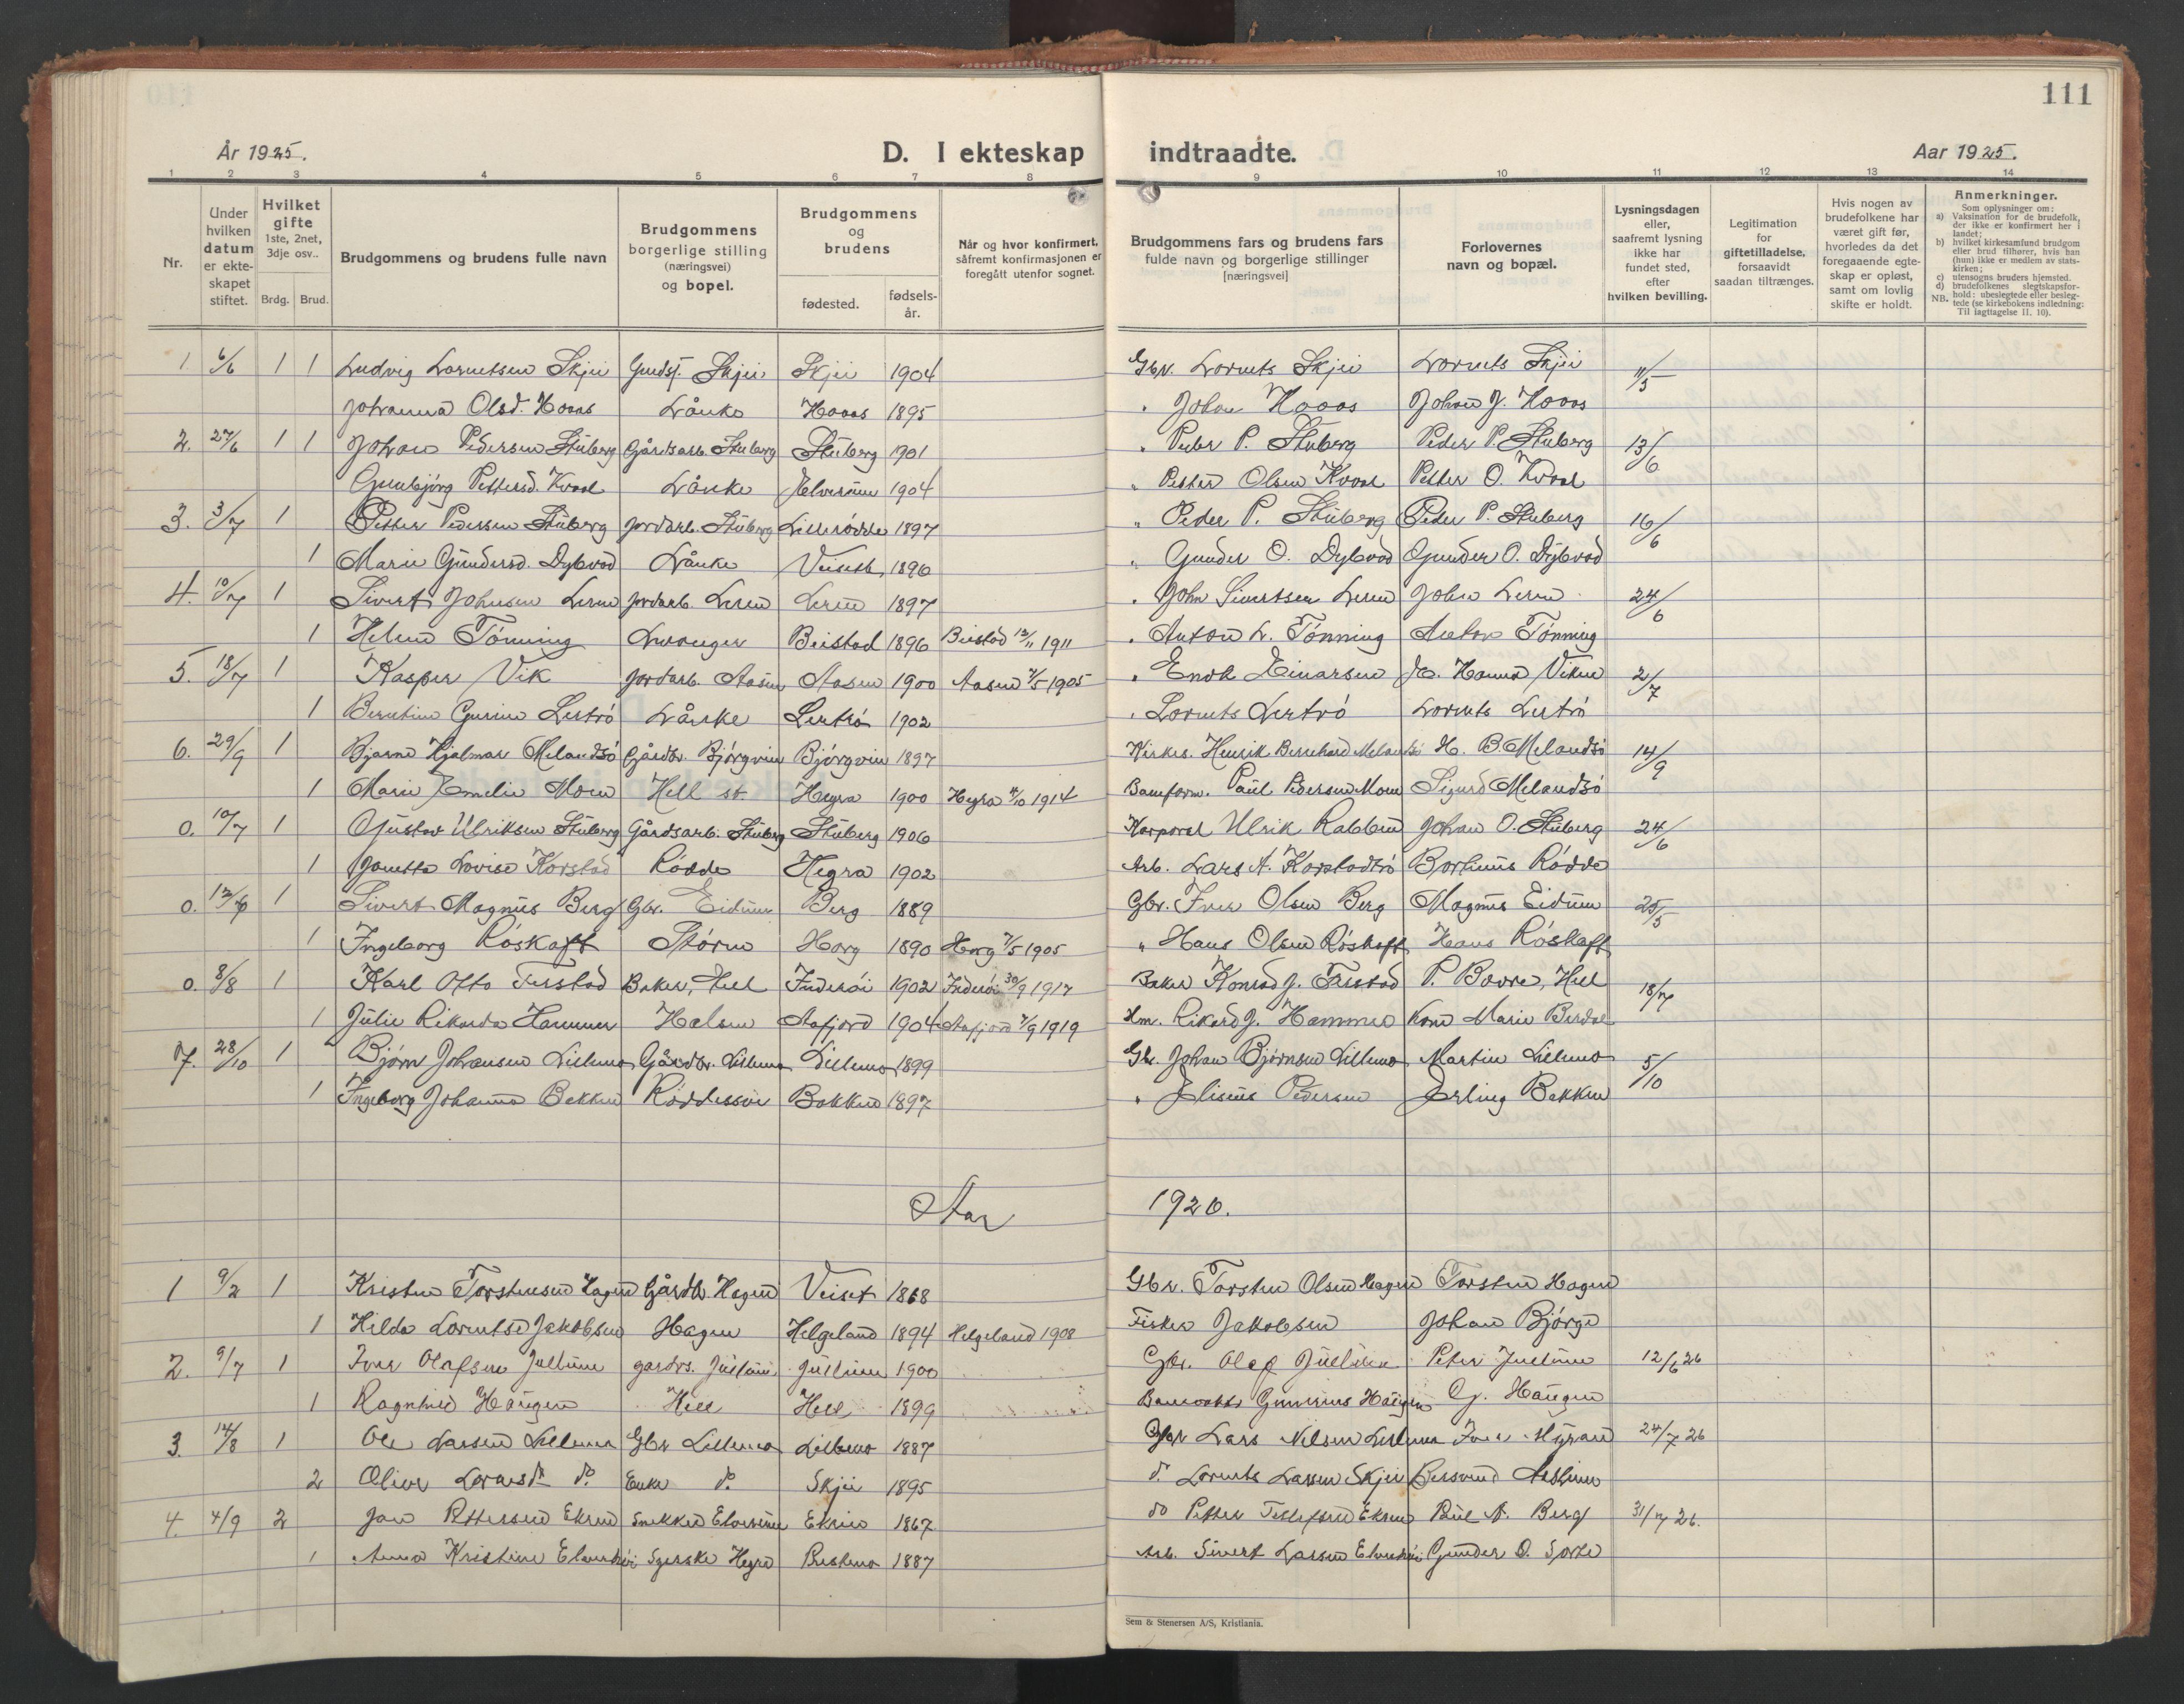 SAT, Ministerialprotokoller, klokkerbøker og fødselsregistre - Nord-Trøndelag, 710/L0097: Klokkerbok nr. 710C02, 1925-1955, s. 111